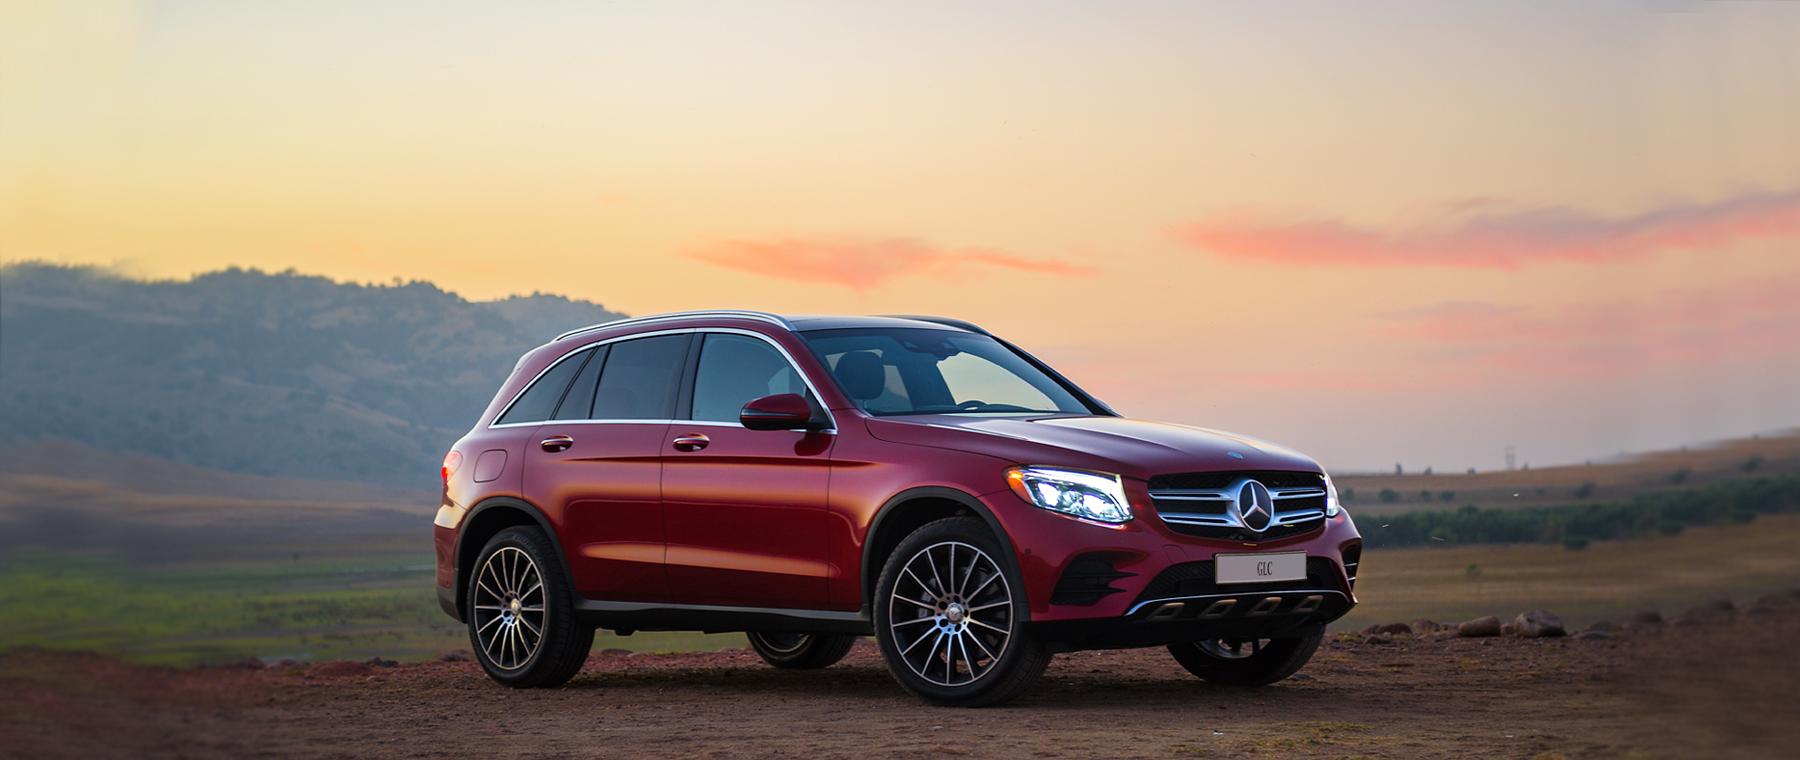 Certified Pre-Owned at Mercedes-Benz Burlington Slider